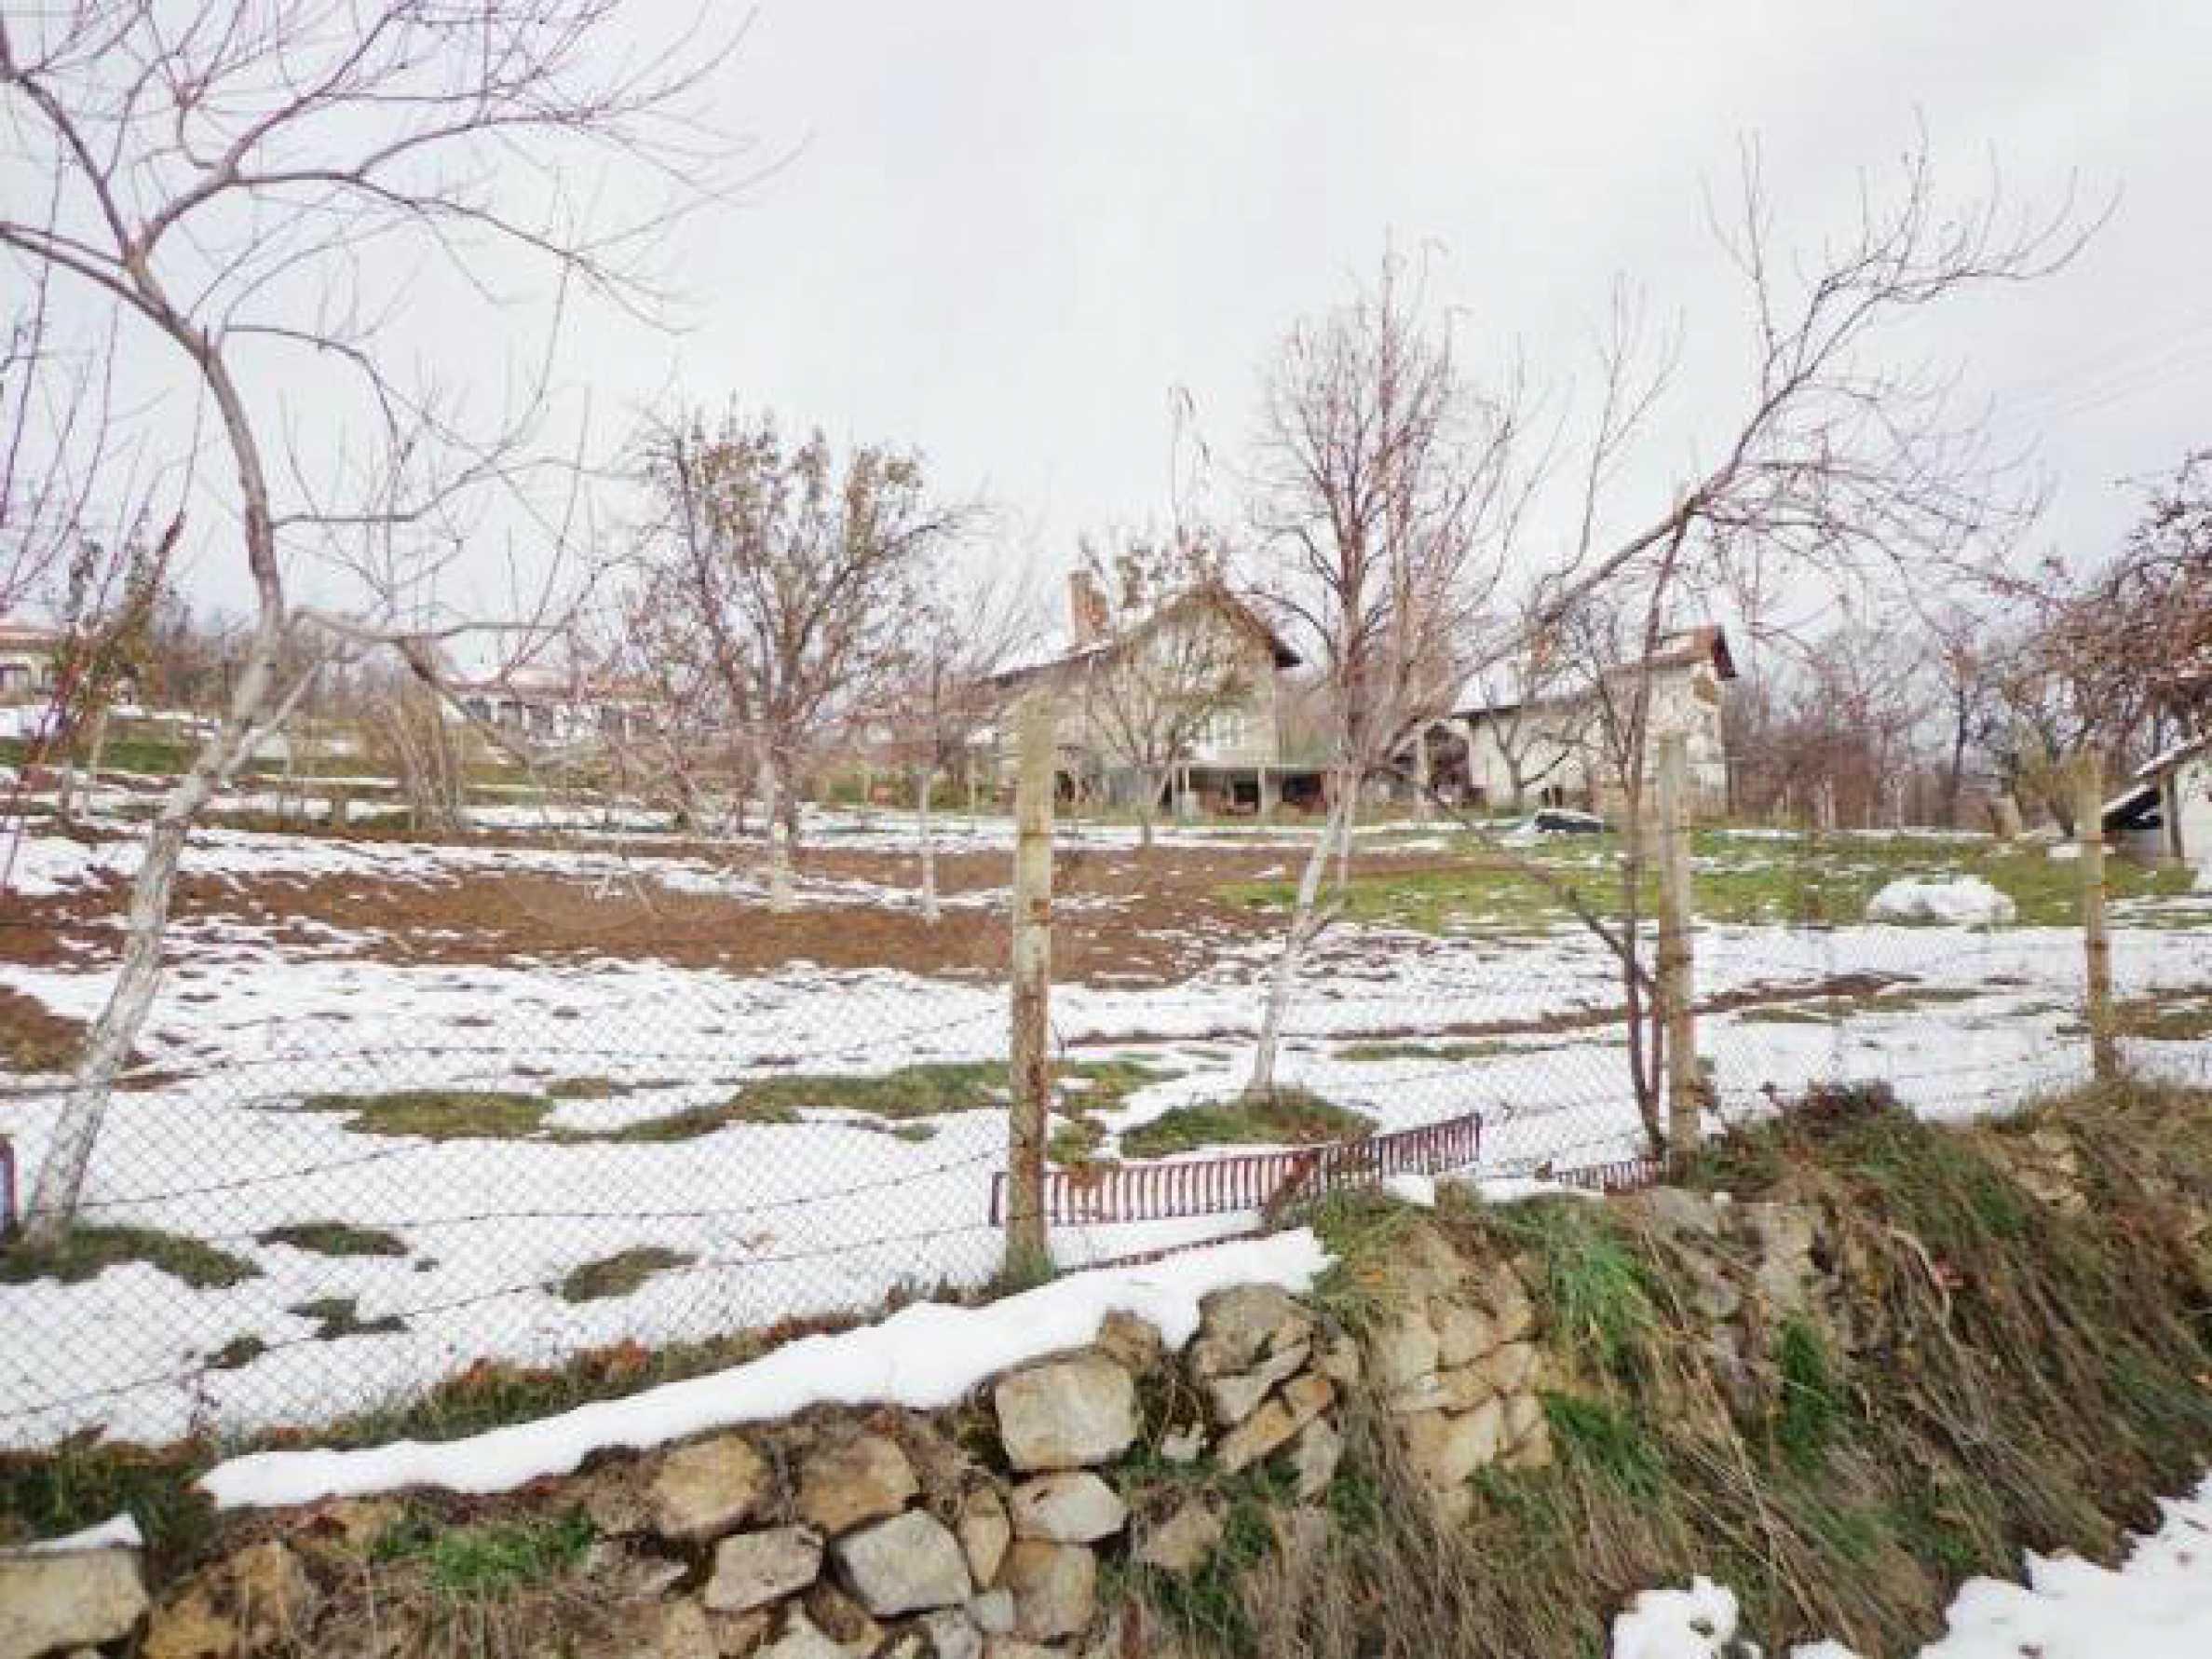 Grundstück zum Verkauf in einem Dorf 5 km von Tryavna entfernt 4